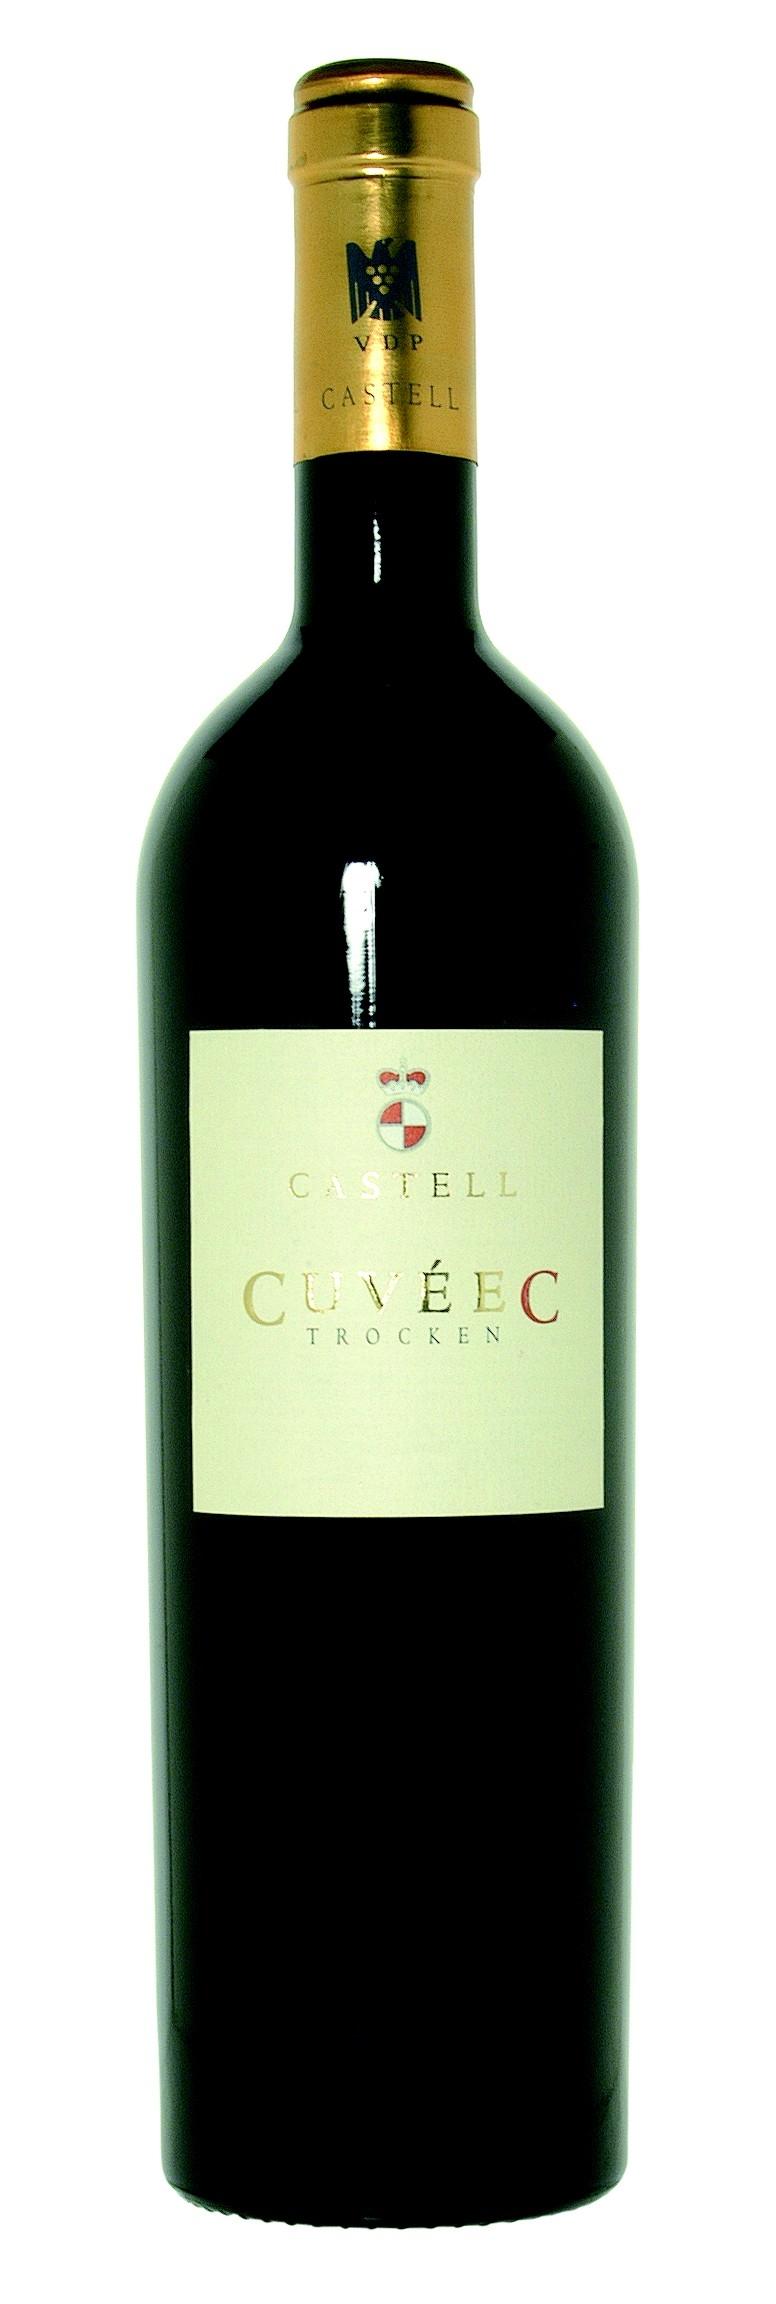 Castell Cuvée C trocken Magnumflasche